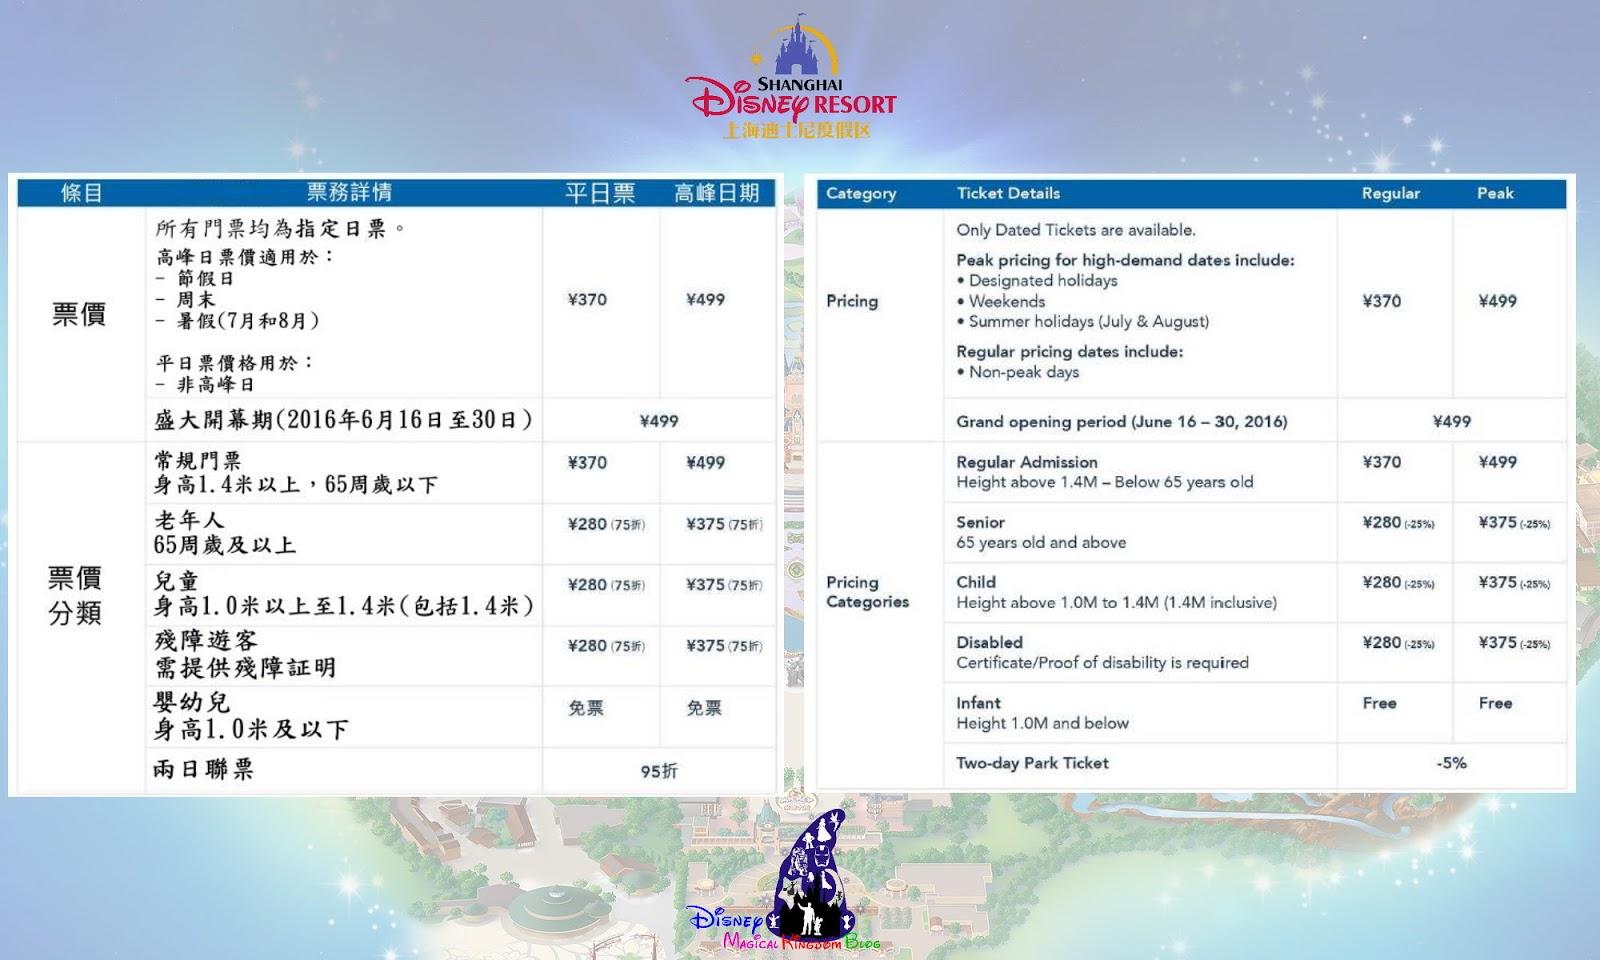 上海迪士尼樂園(Shanghai Disneyland)門票 及 預訂度假區酒店房間 將於 2016年3月28日 00:01 正式開售! | Disney ...